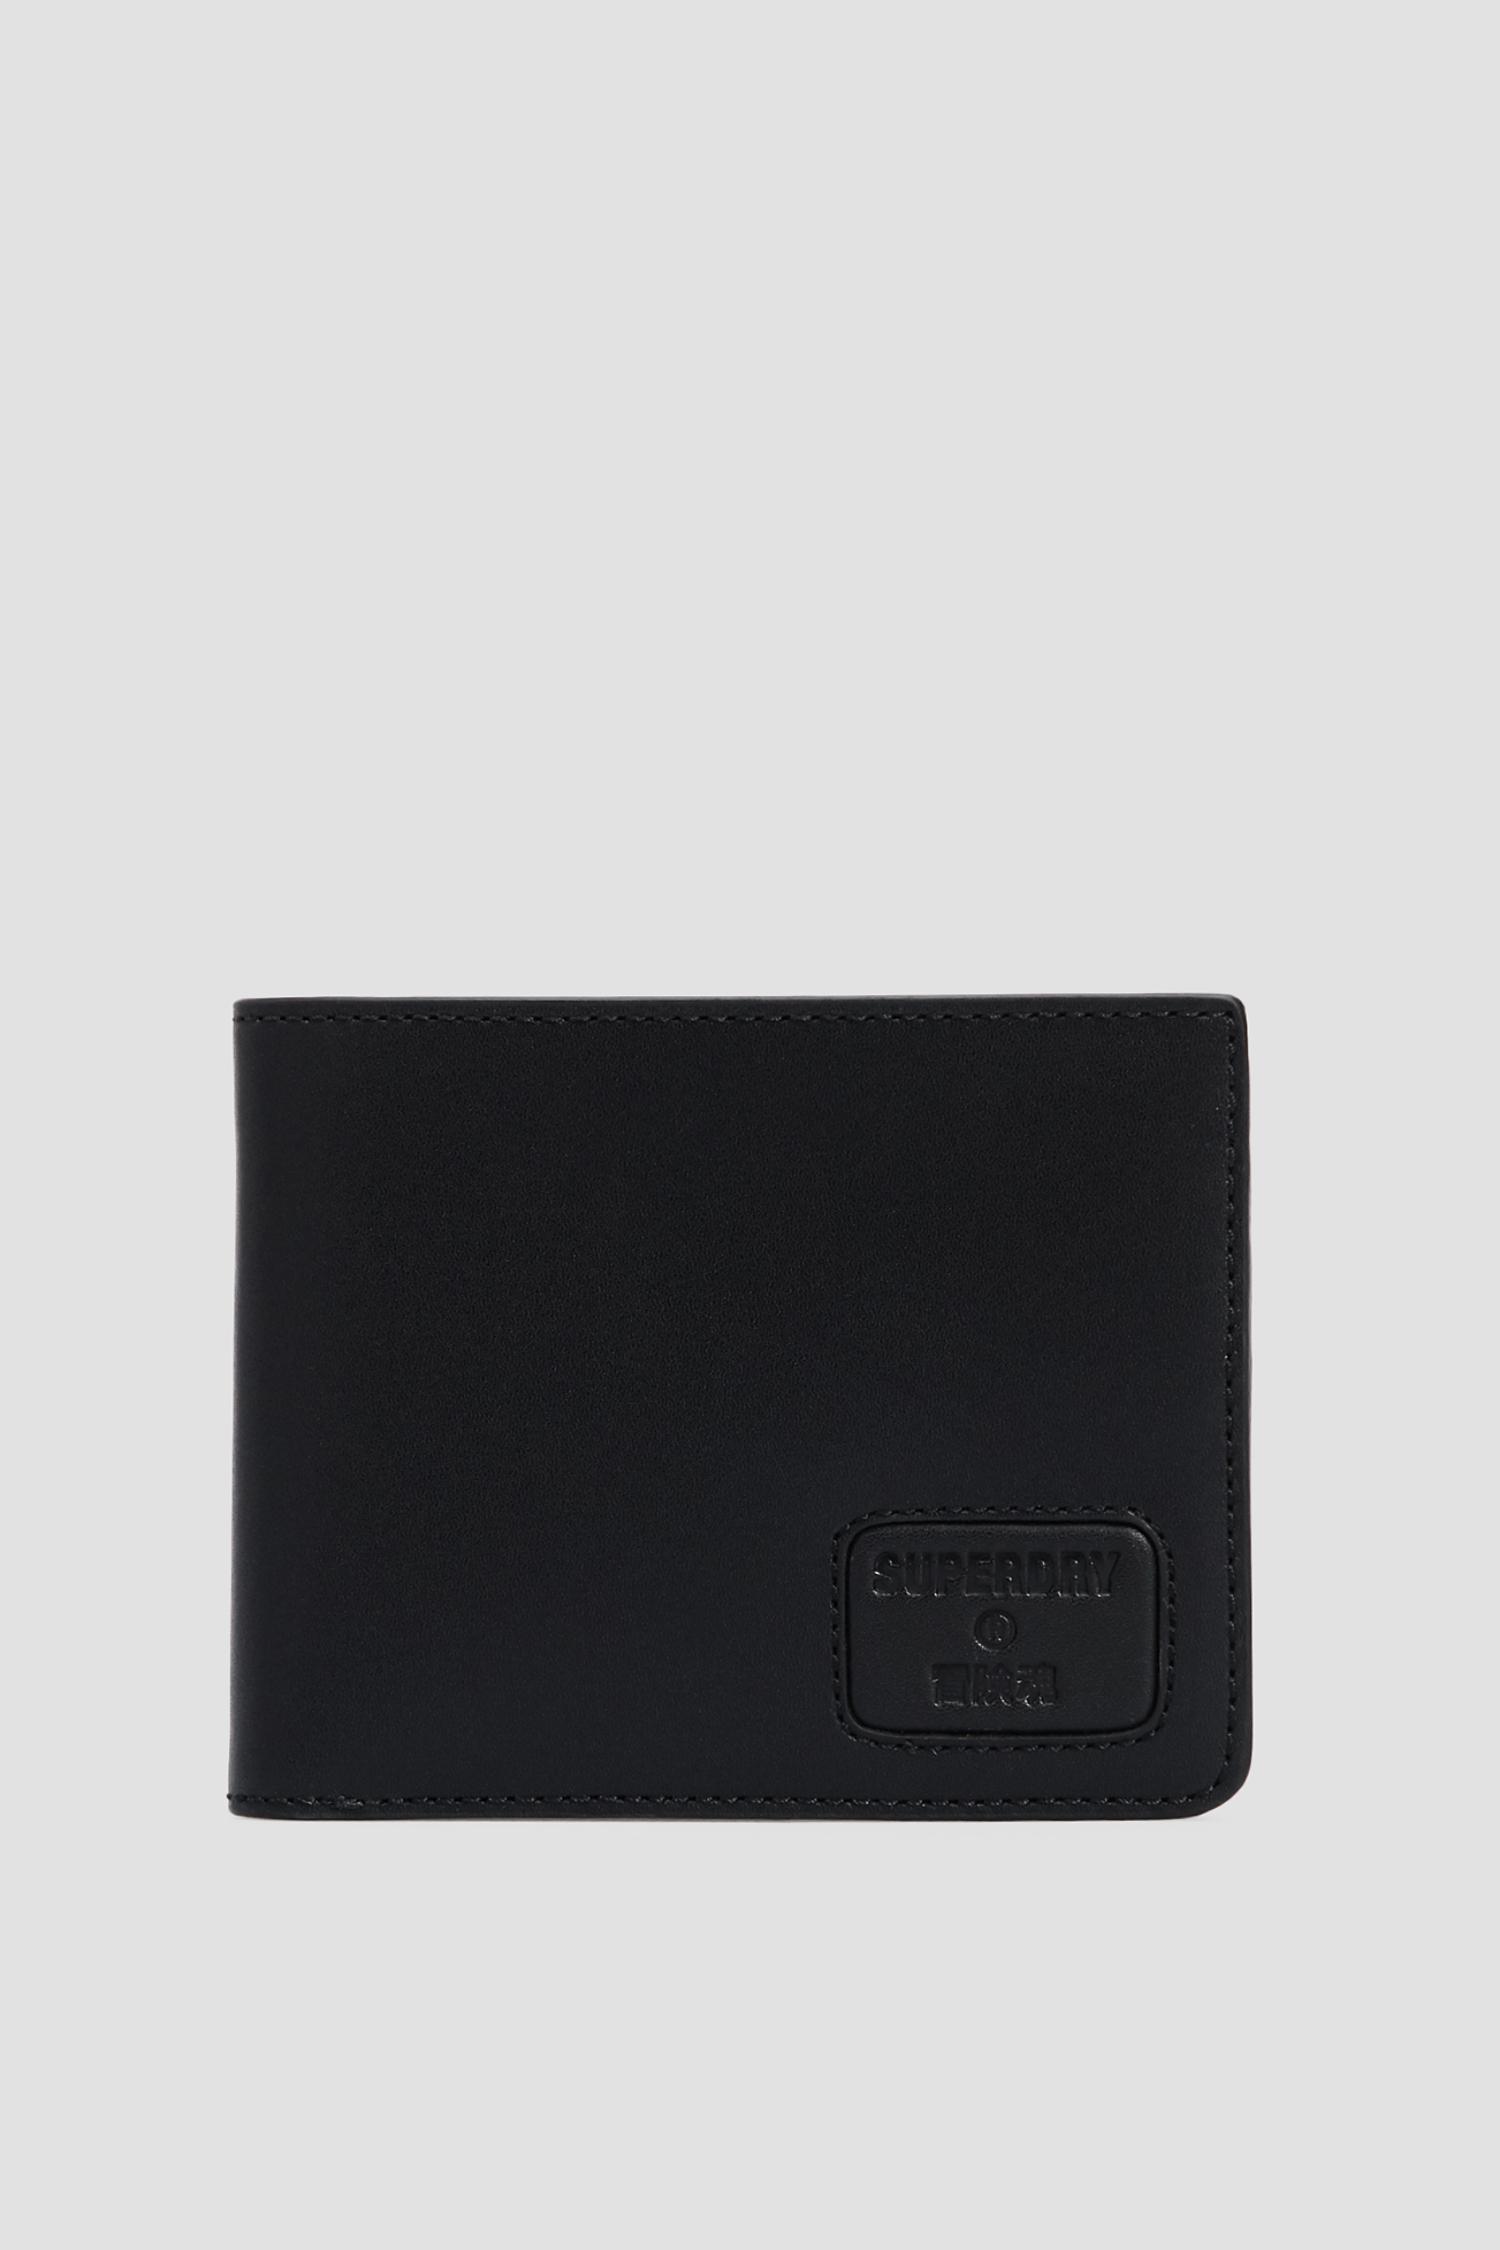 Черный кожаный кошелек для парней SuperDry M9810144A;02A